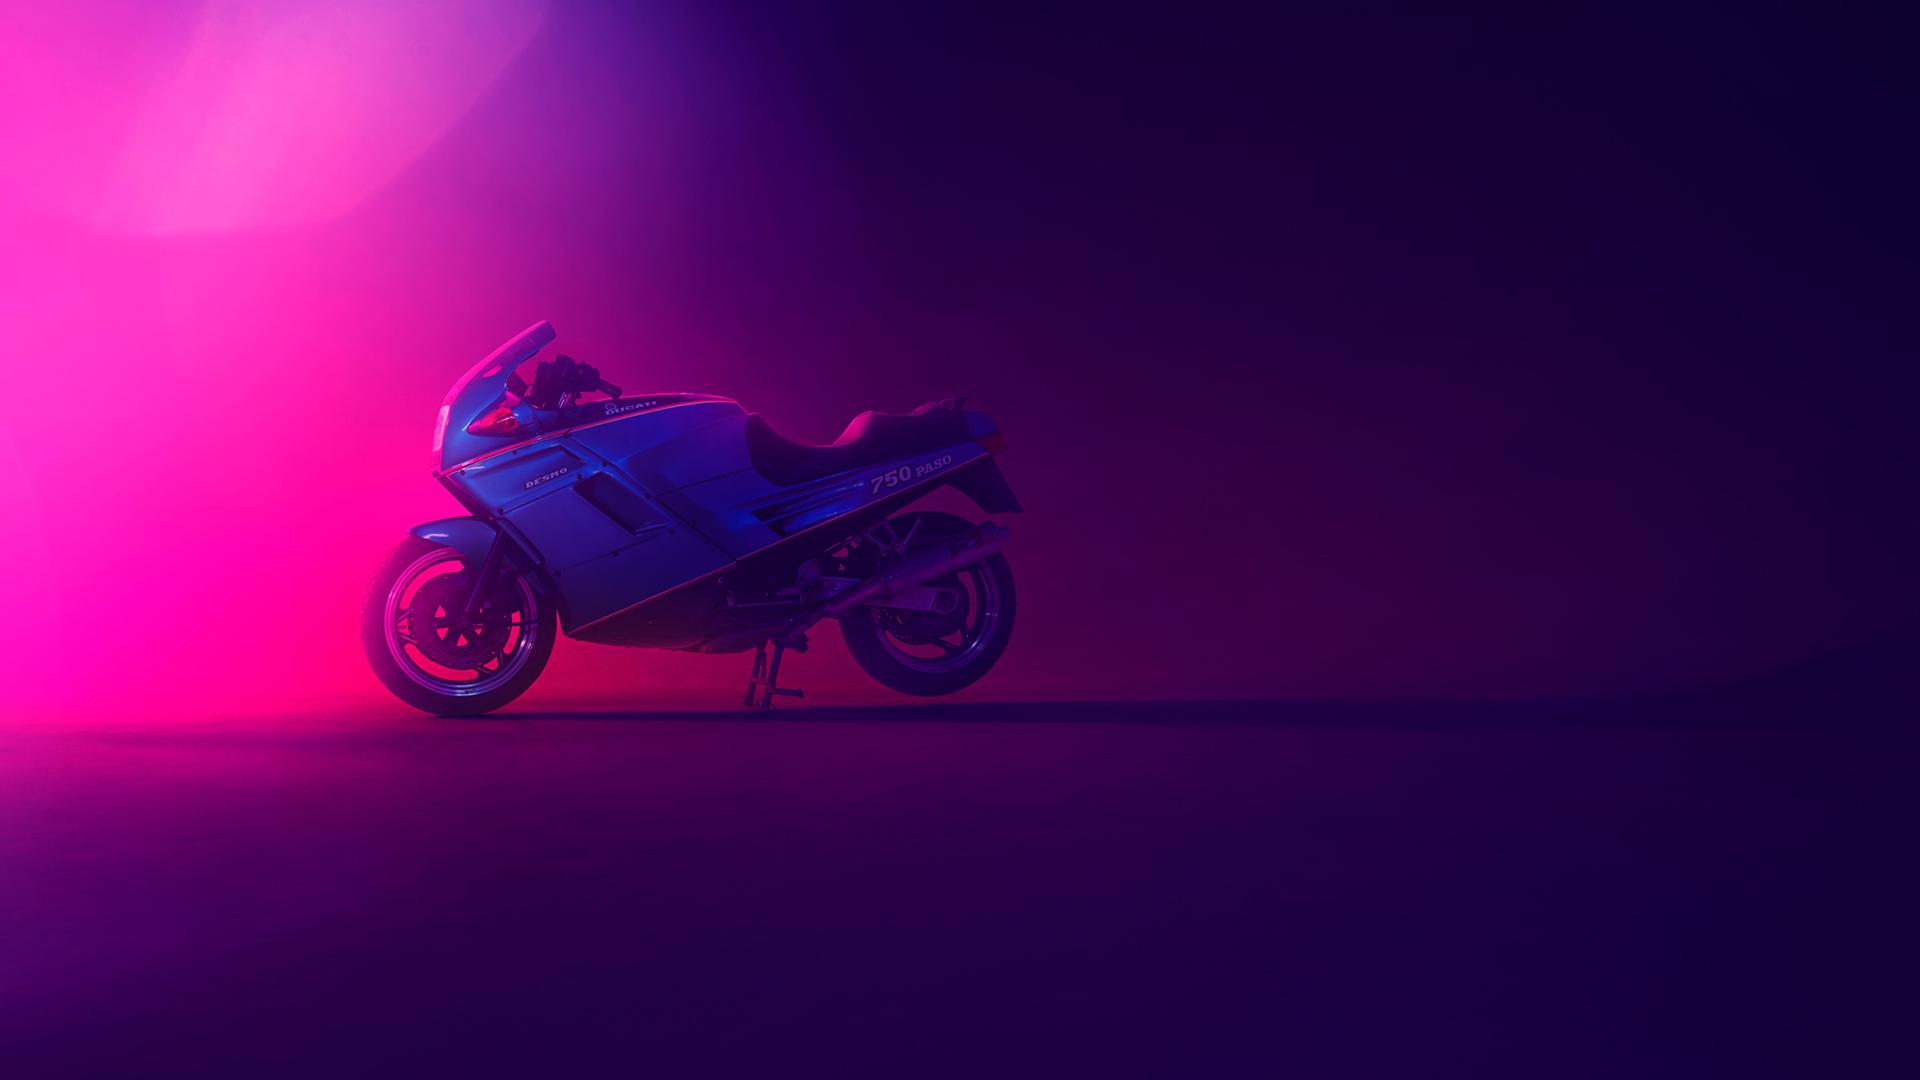 Ducati 750 paso обои скачать